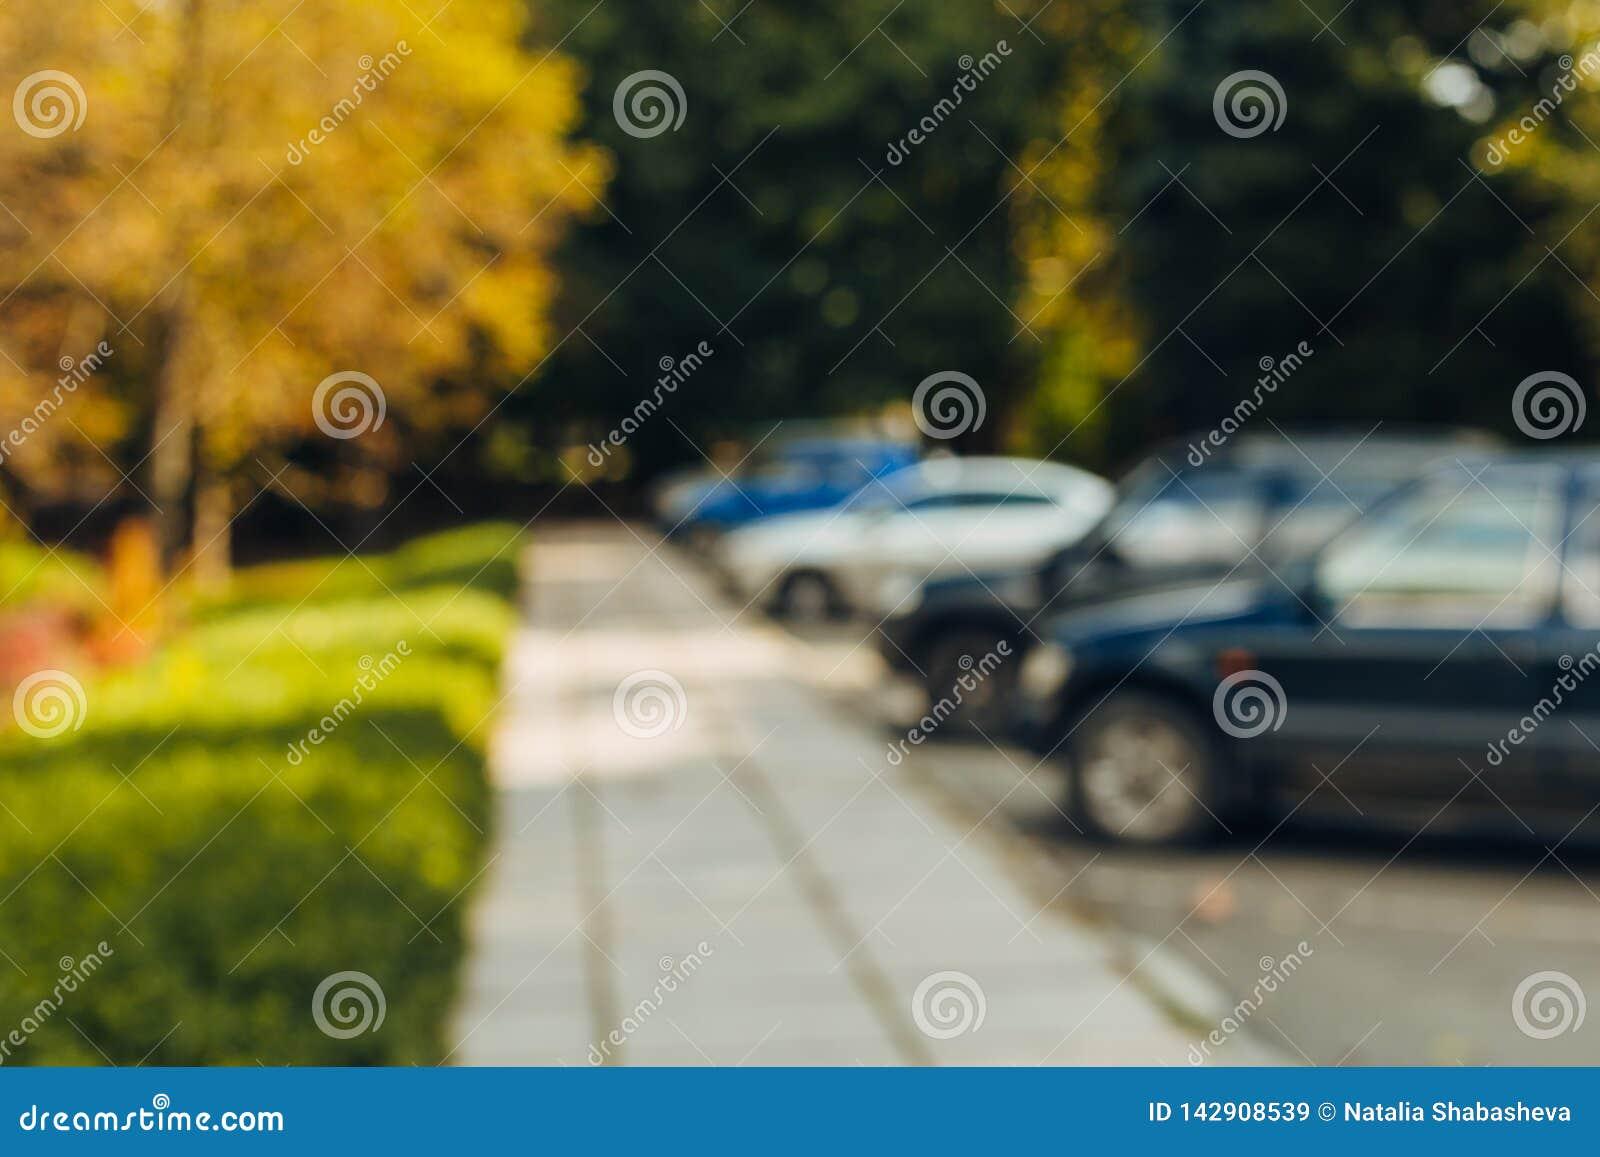 Parque de estacionamento exterior do carro do borr?o do sum?rio